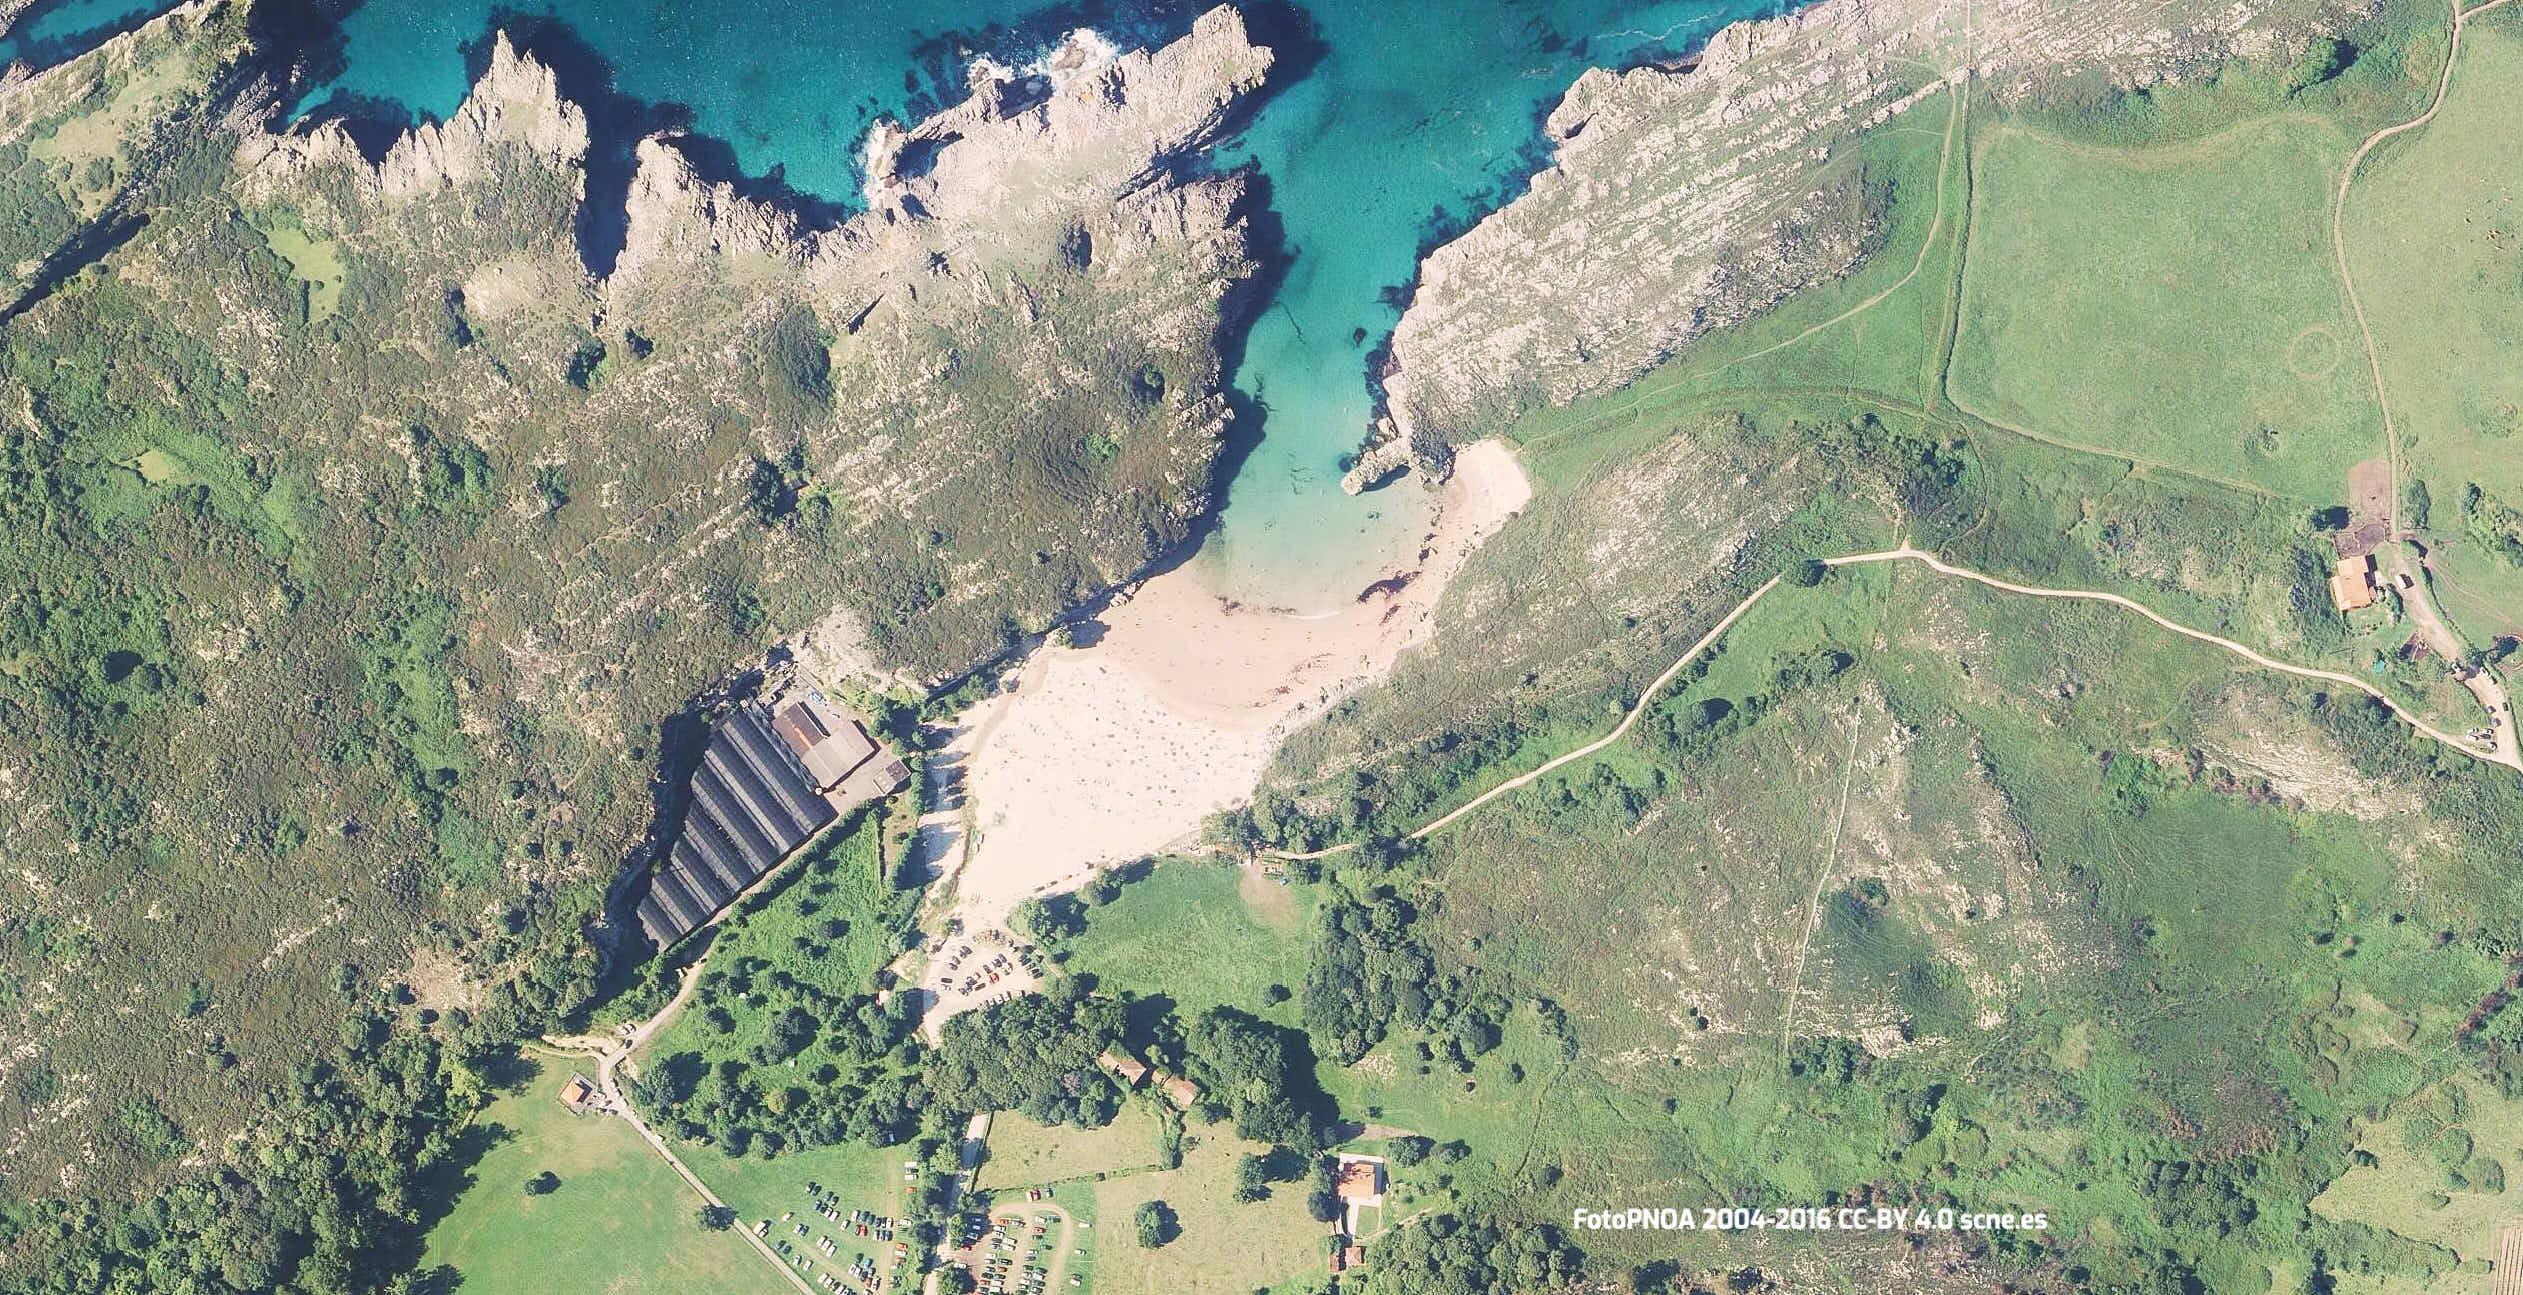 Vista aerea de la playa de Cuevas del Mar en Llanes, Asturias